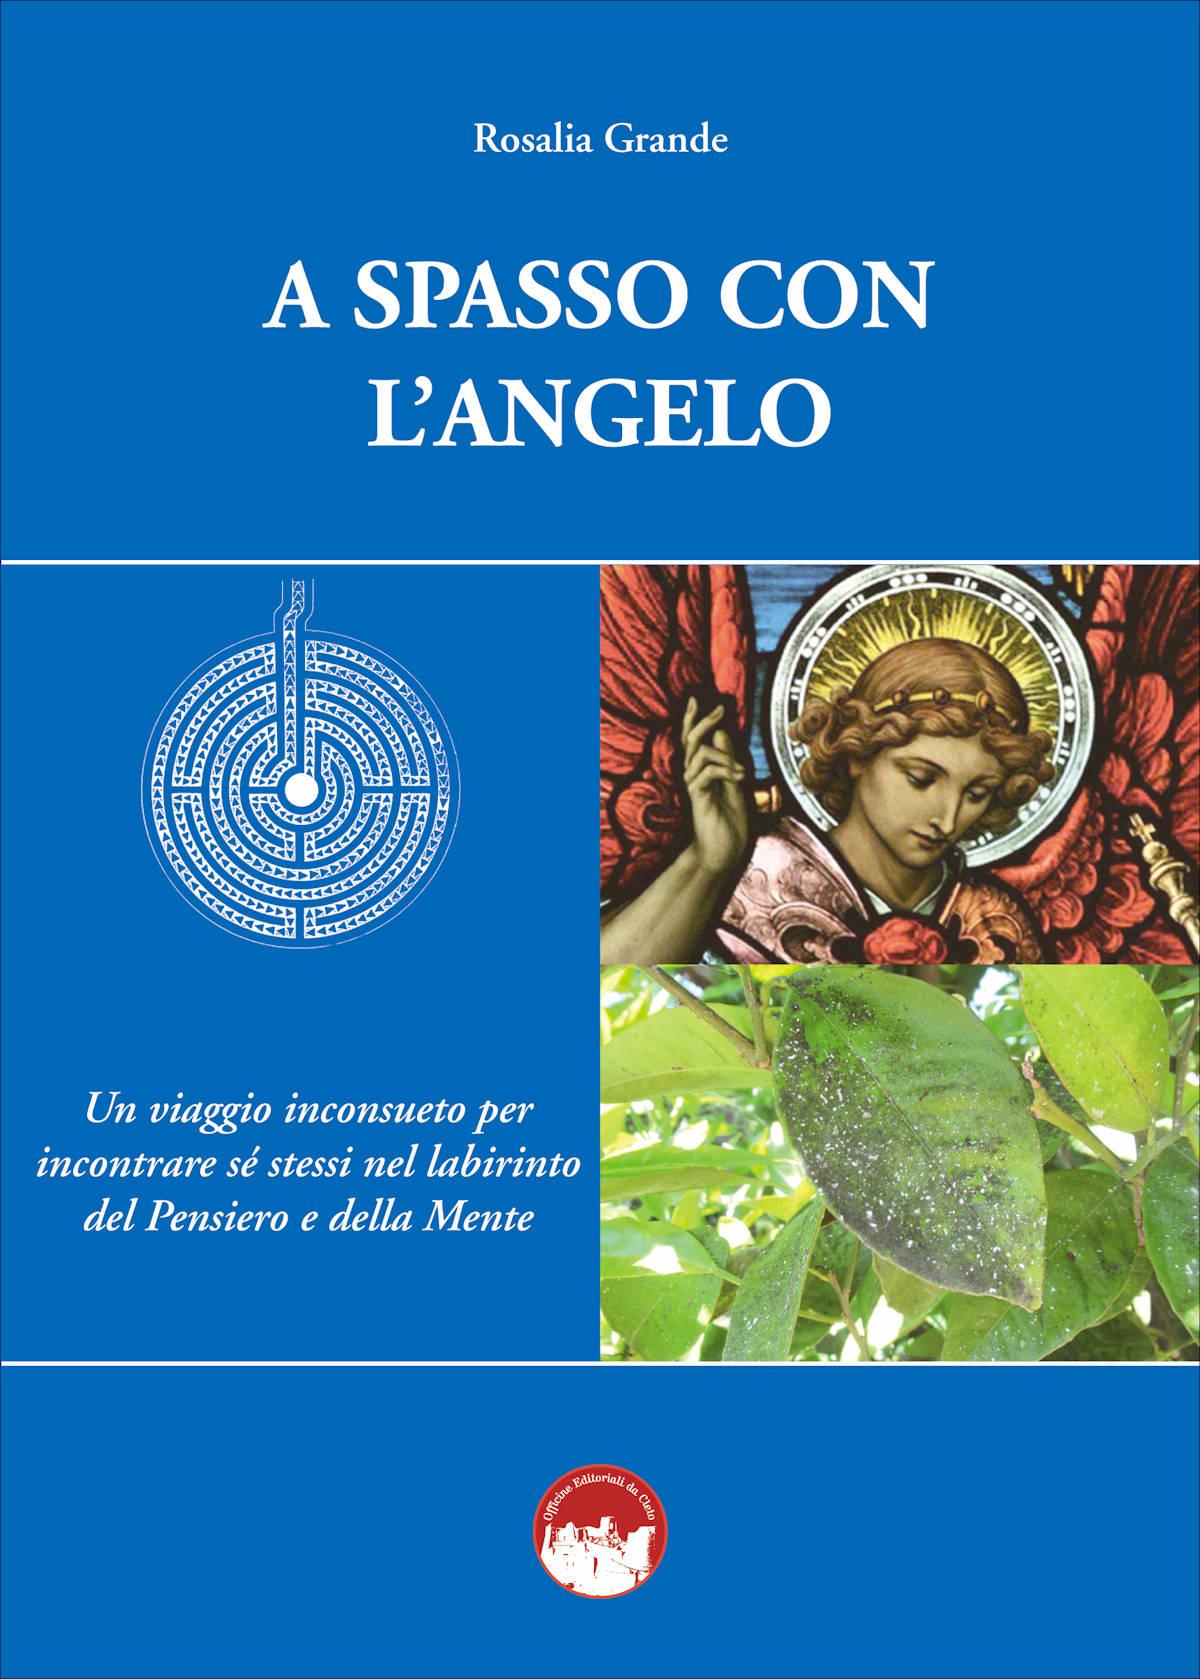 La copertina del libro di Rosalia Grande, A spasso con l'Angelo